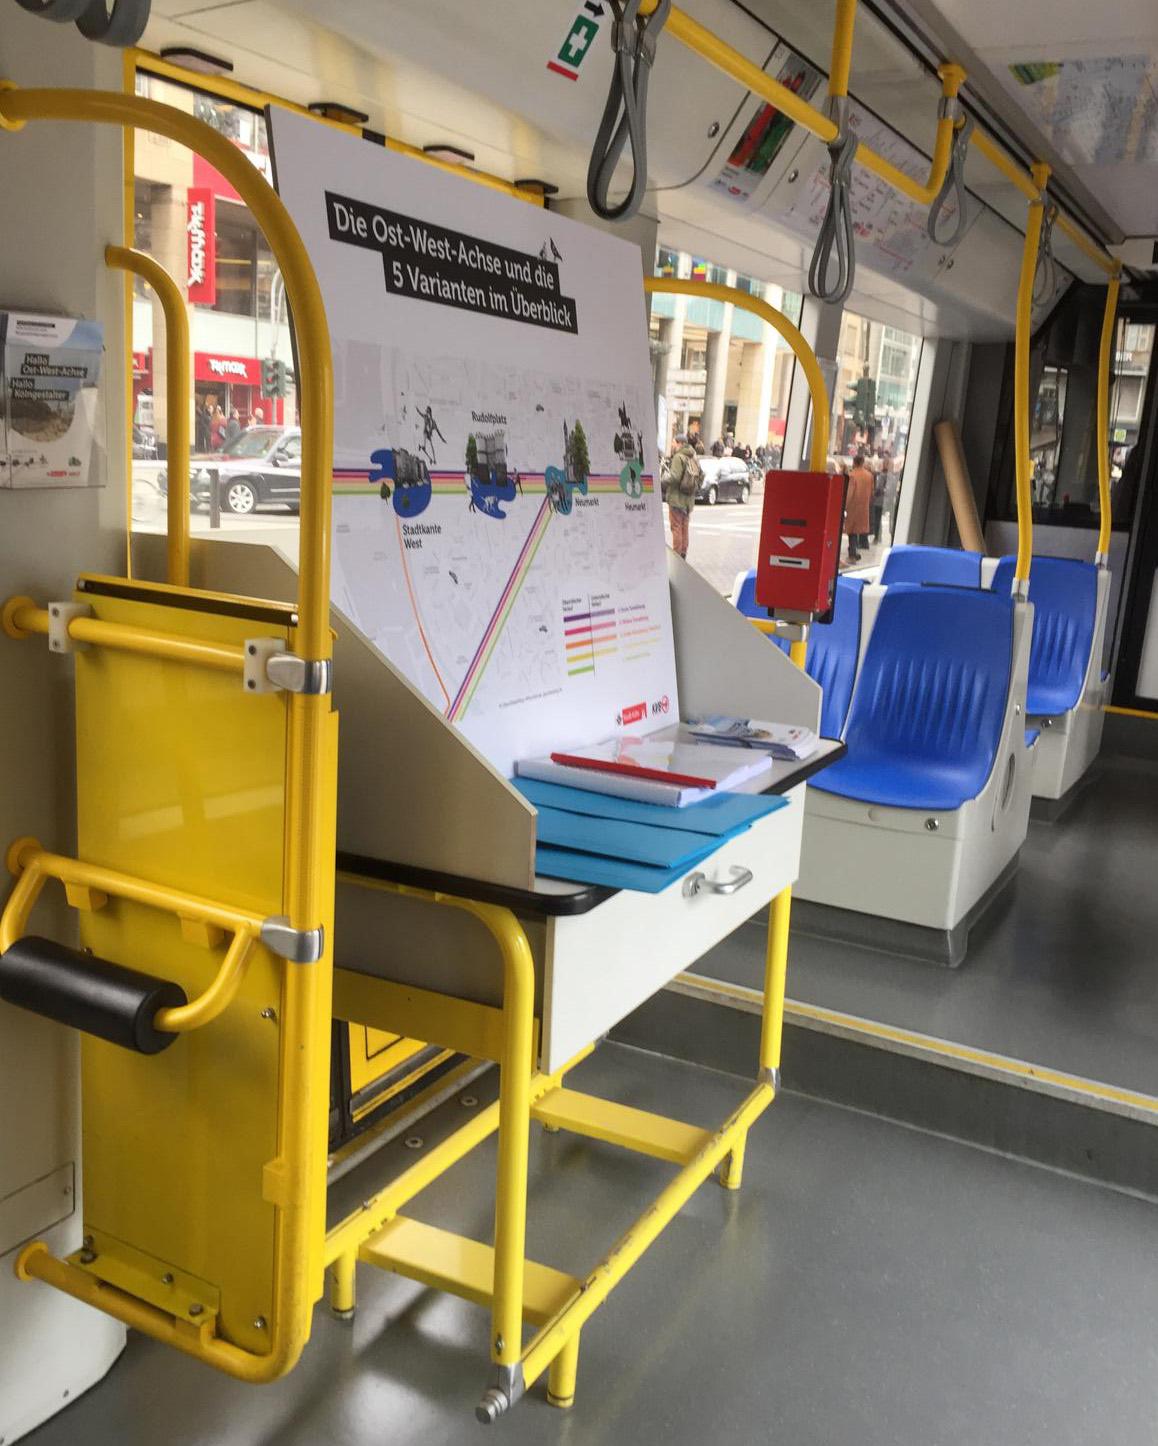 In der Stadtbahn am Neumarkt könnten sich die Bürger schon vor der Kick-off-Veranstaltung informieren.